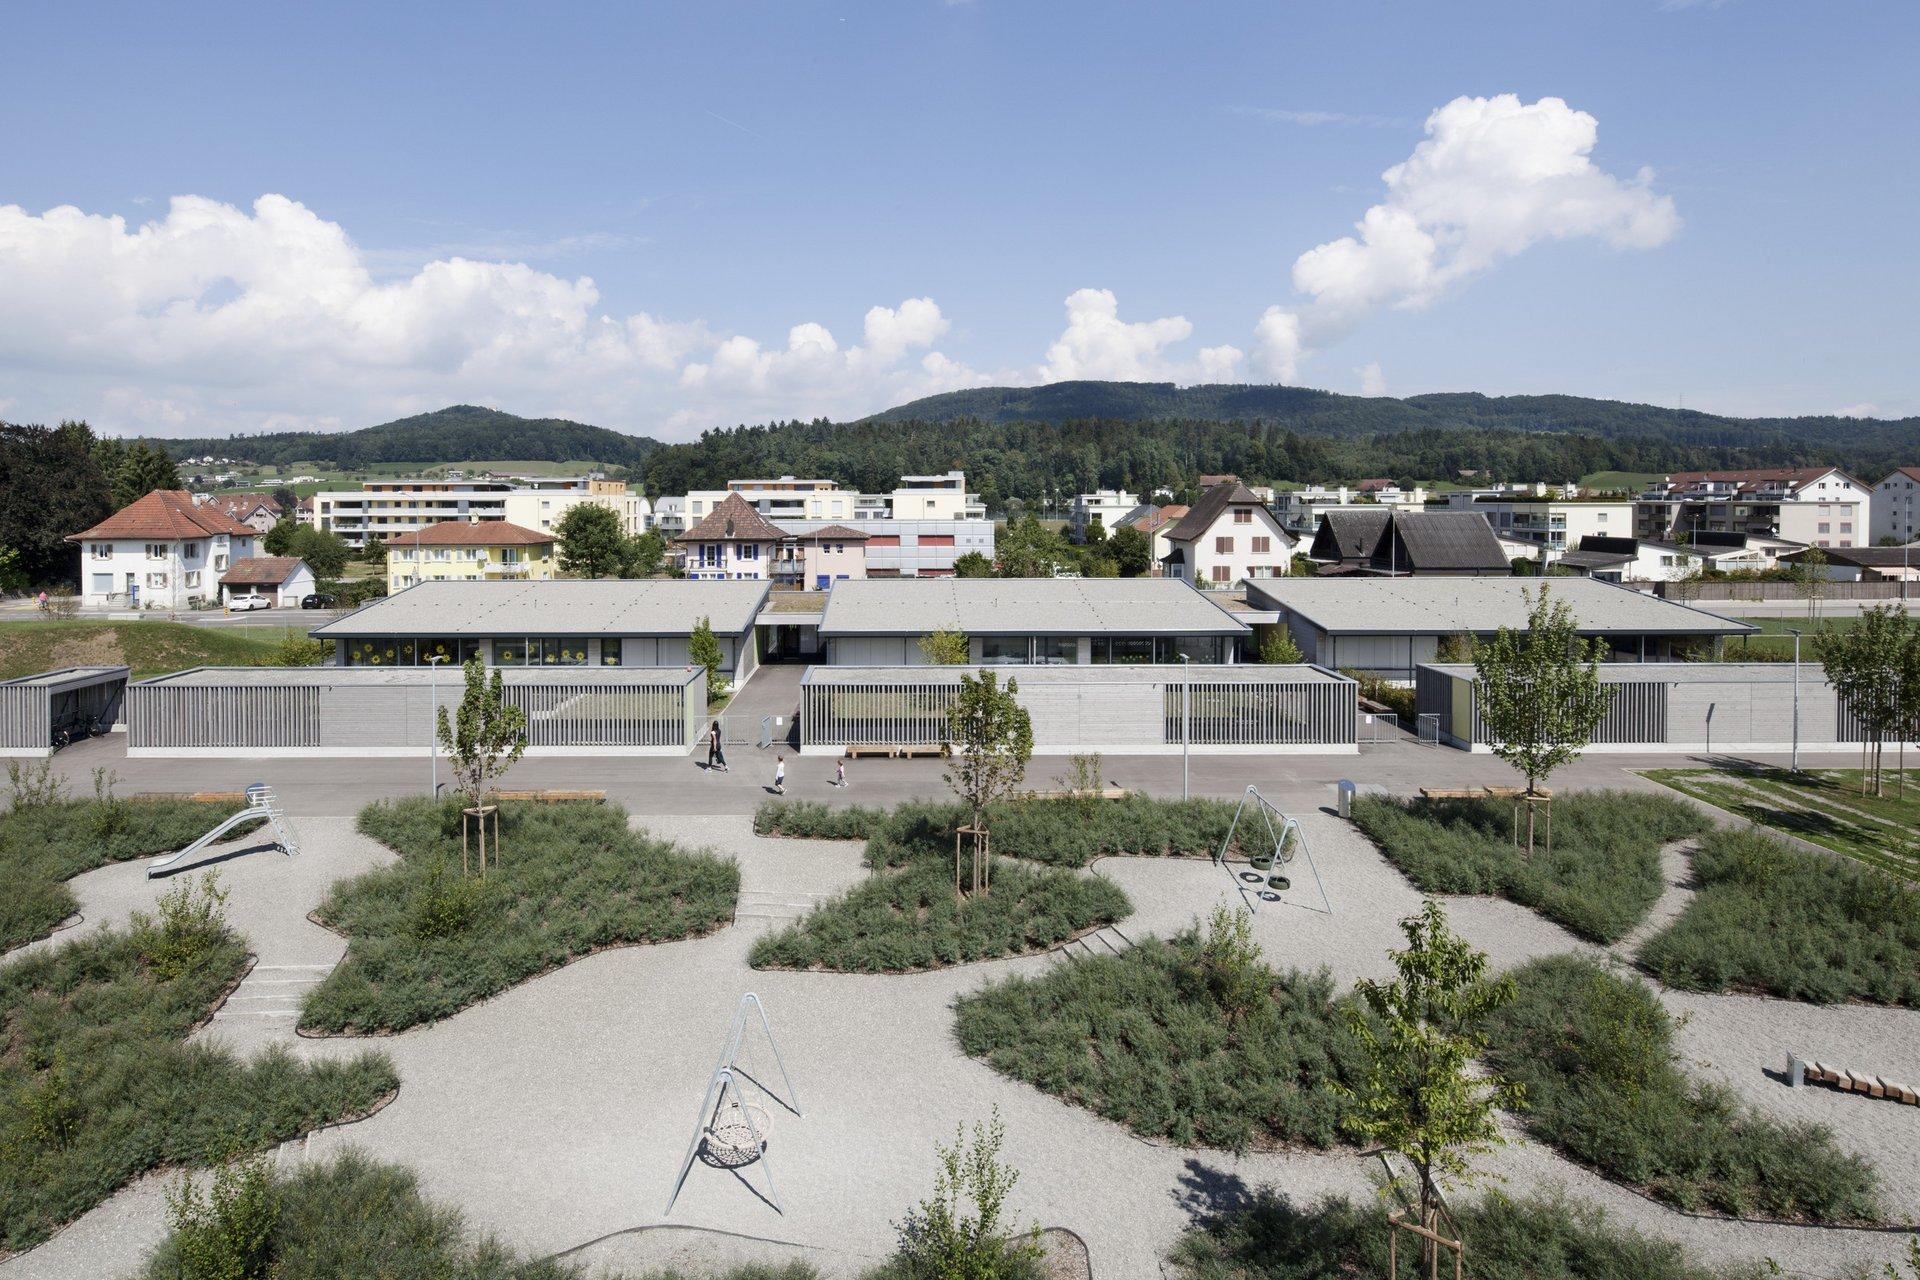 3 bâtiments scolaires identiques, à 1 étage, sur une grande aire scolaire